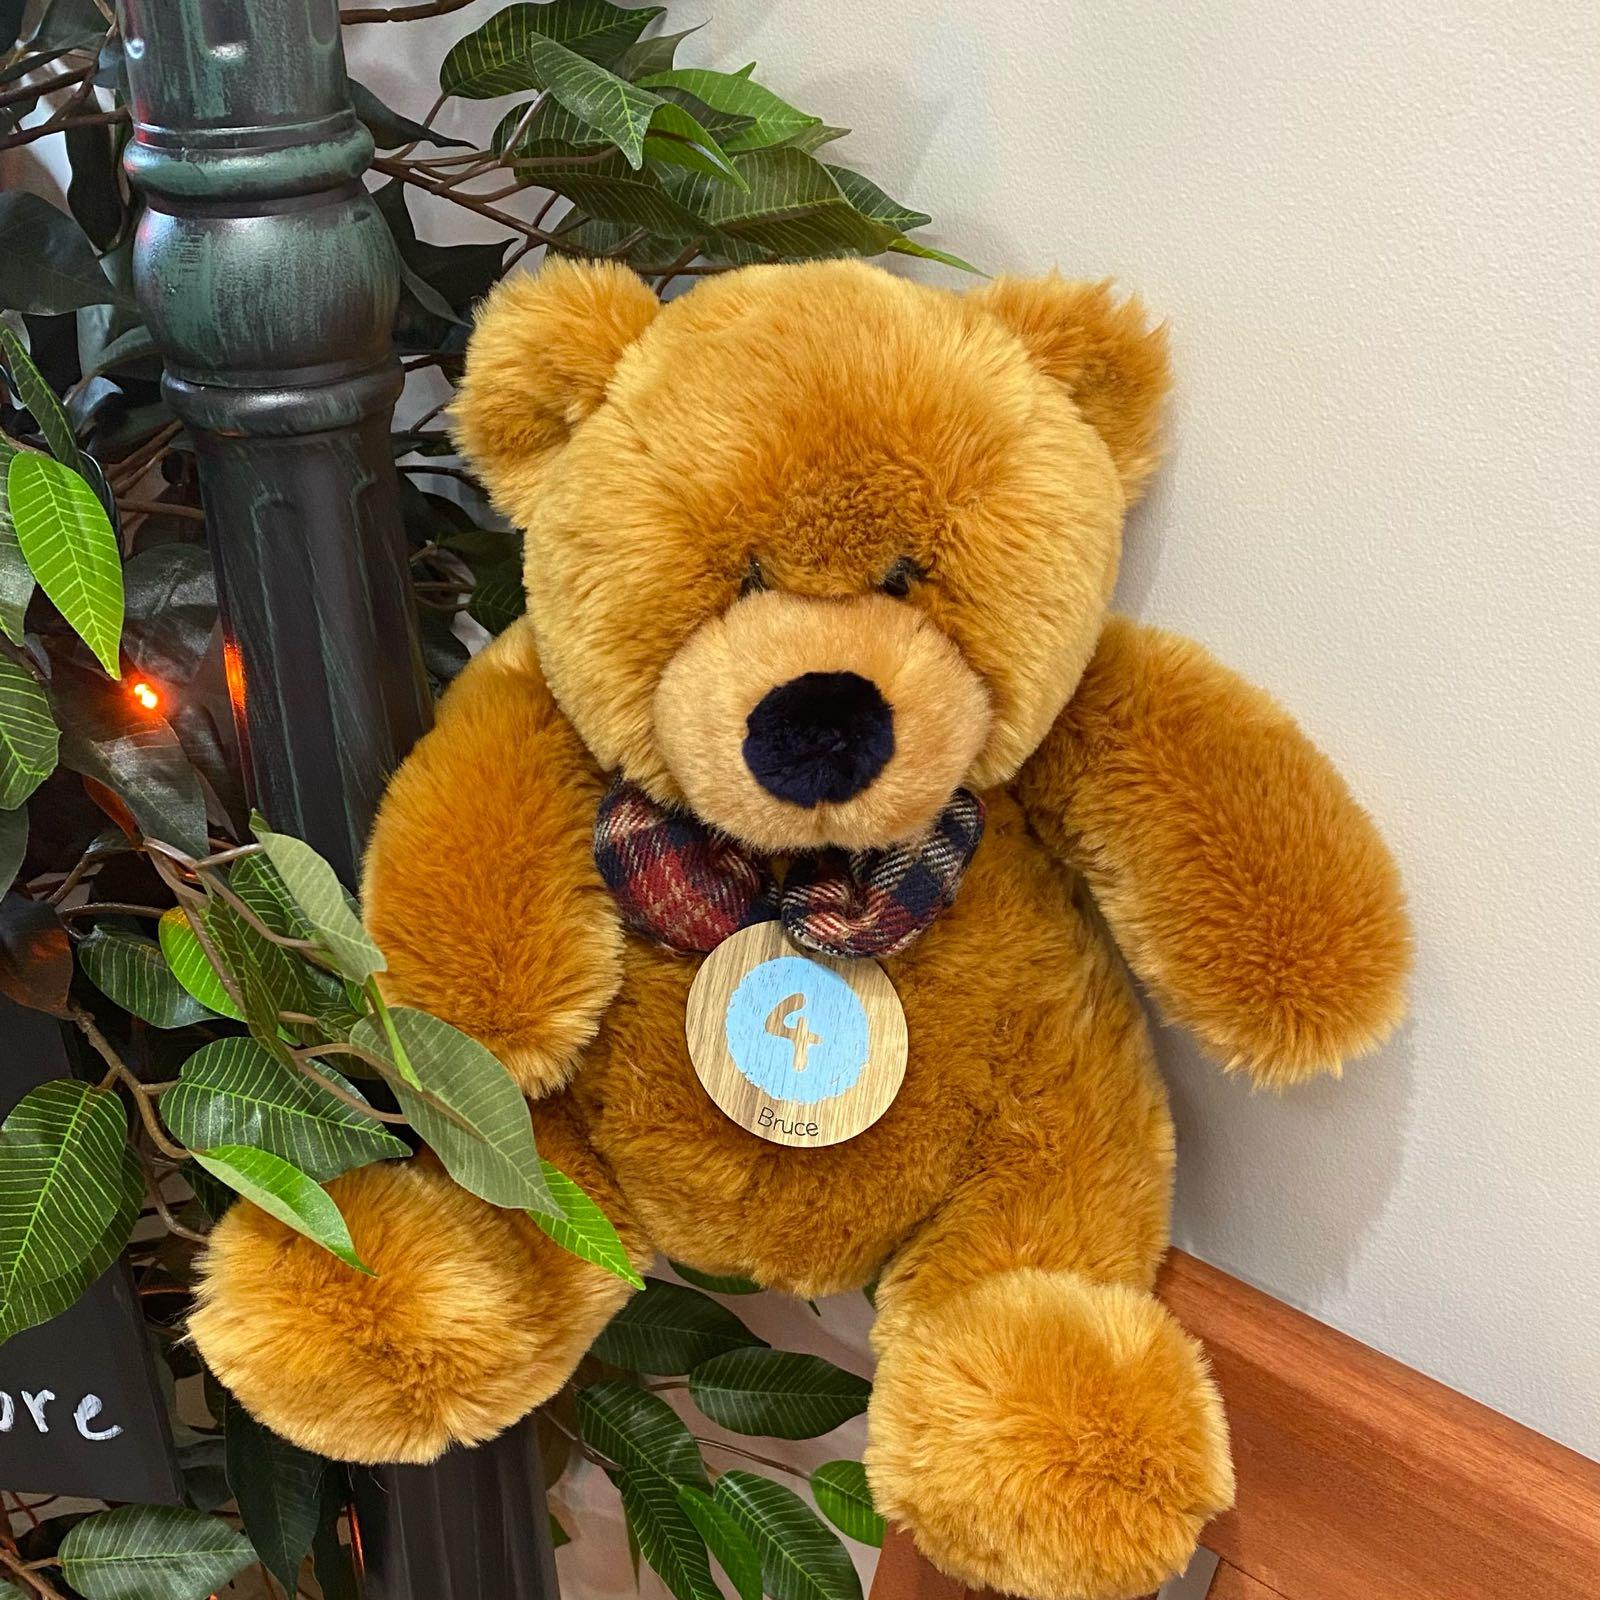 TEDDY BRUCE